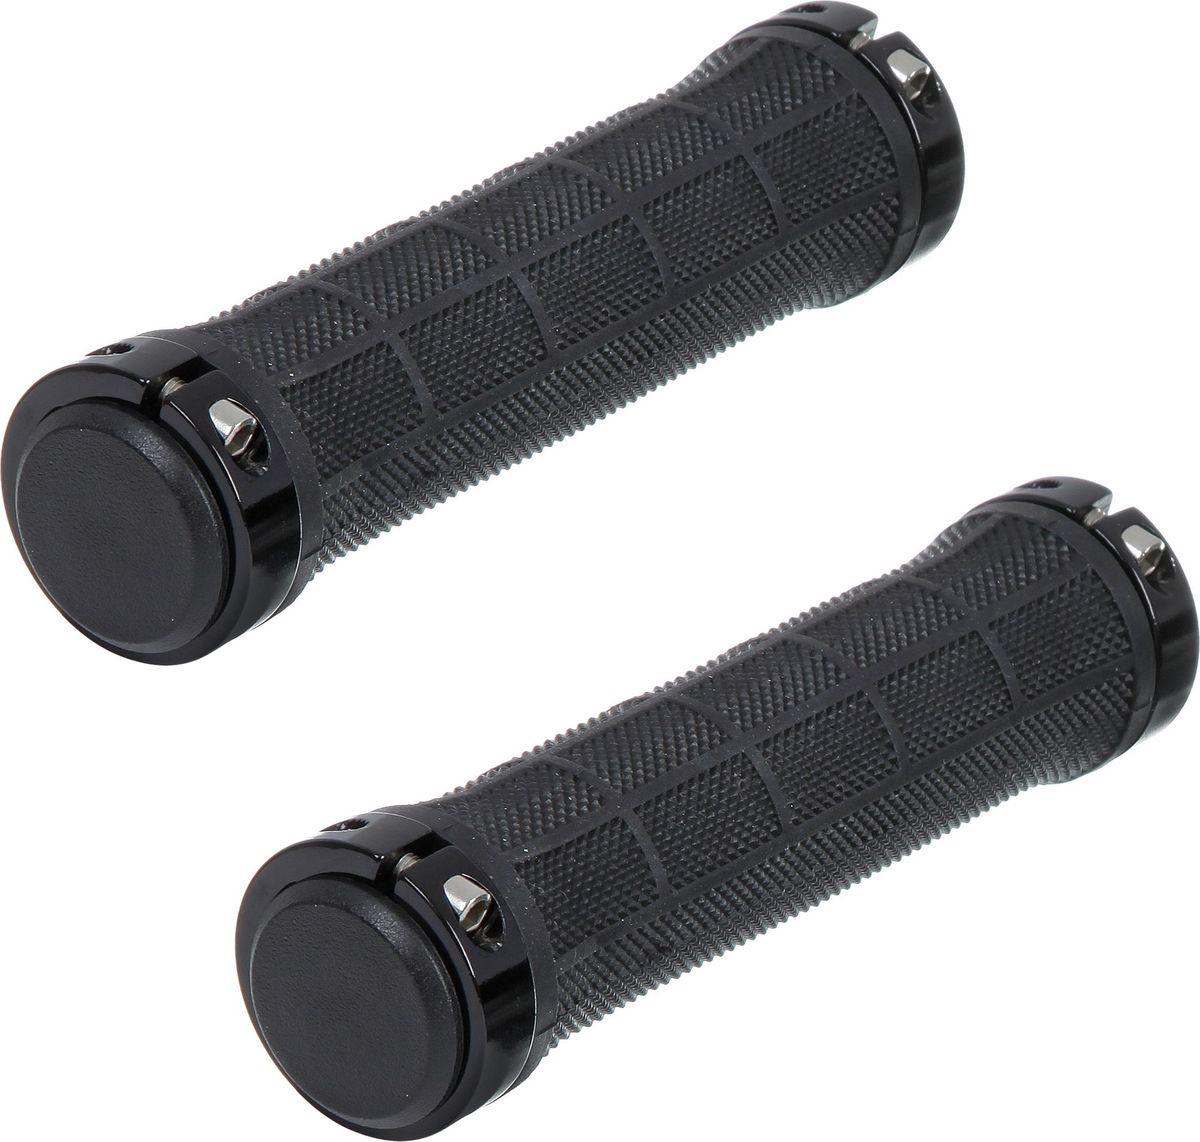 Грипсы STG HL-G309, цвет: черный, 130 ммГризлиГрипсы предназначены для увеличения сцепления рук с рулём. Длина 130 мм.